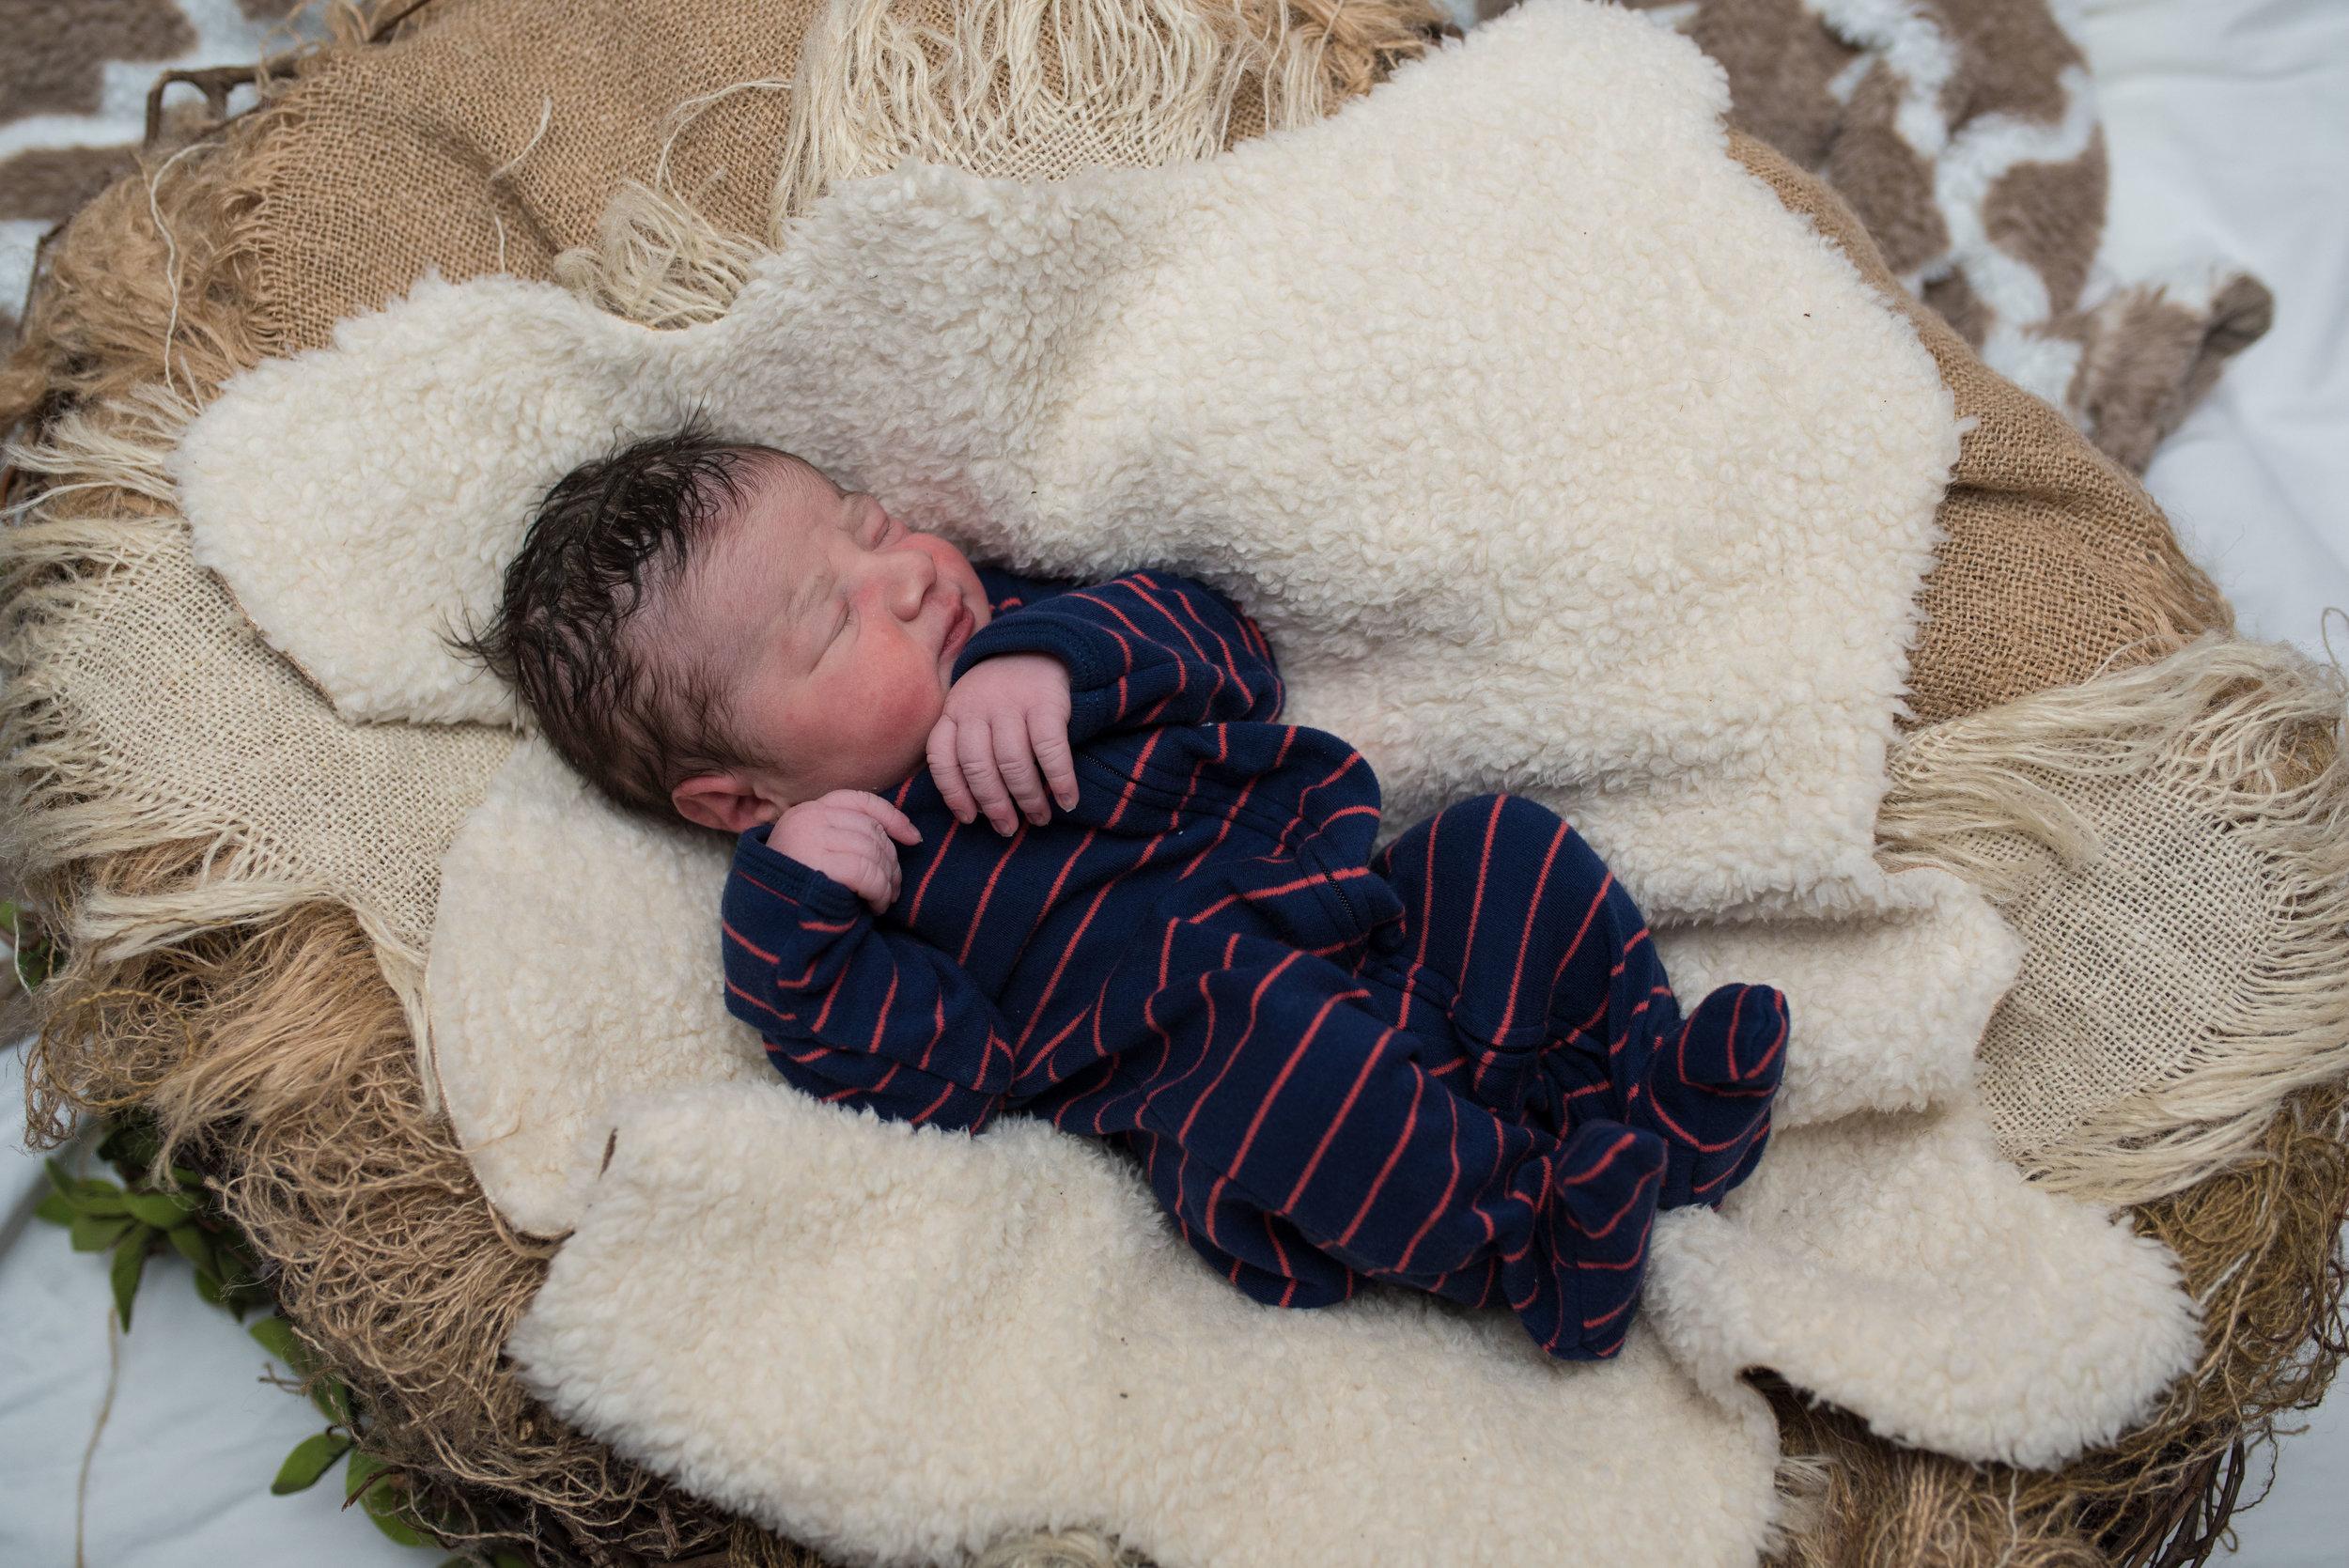 061-UF-birth-center-jacksonville-birth-photographer.JPG